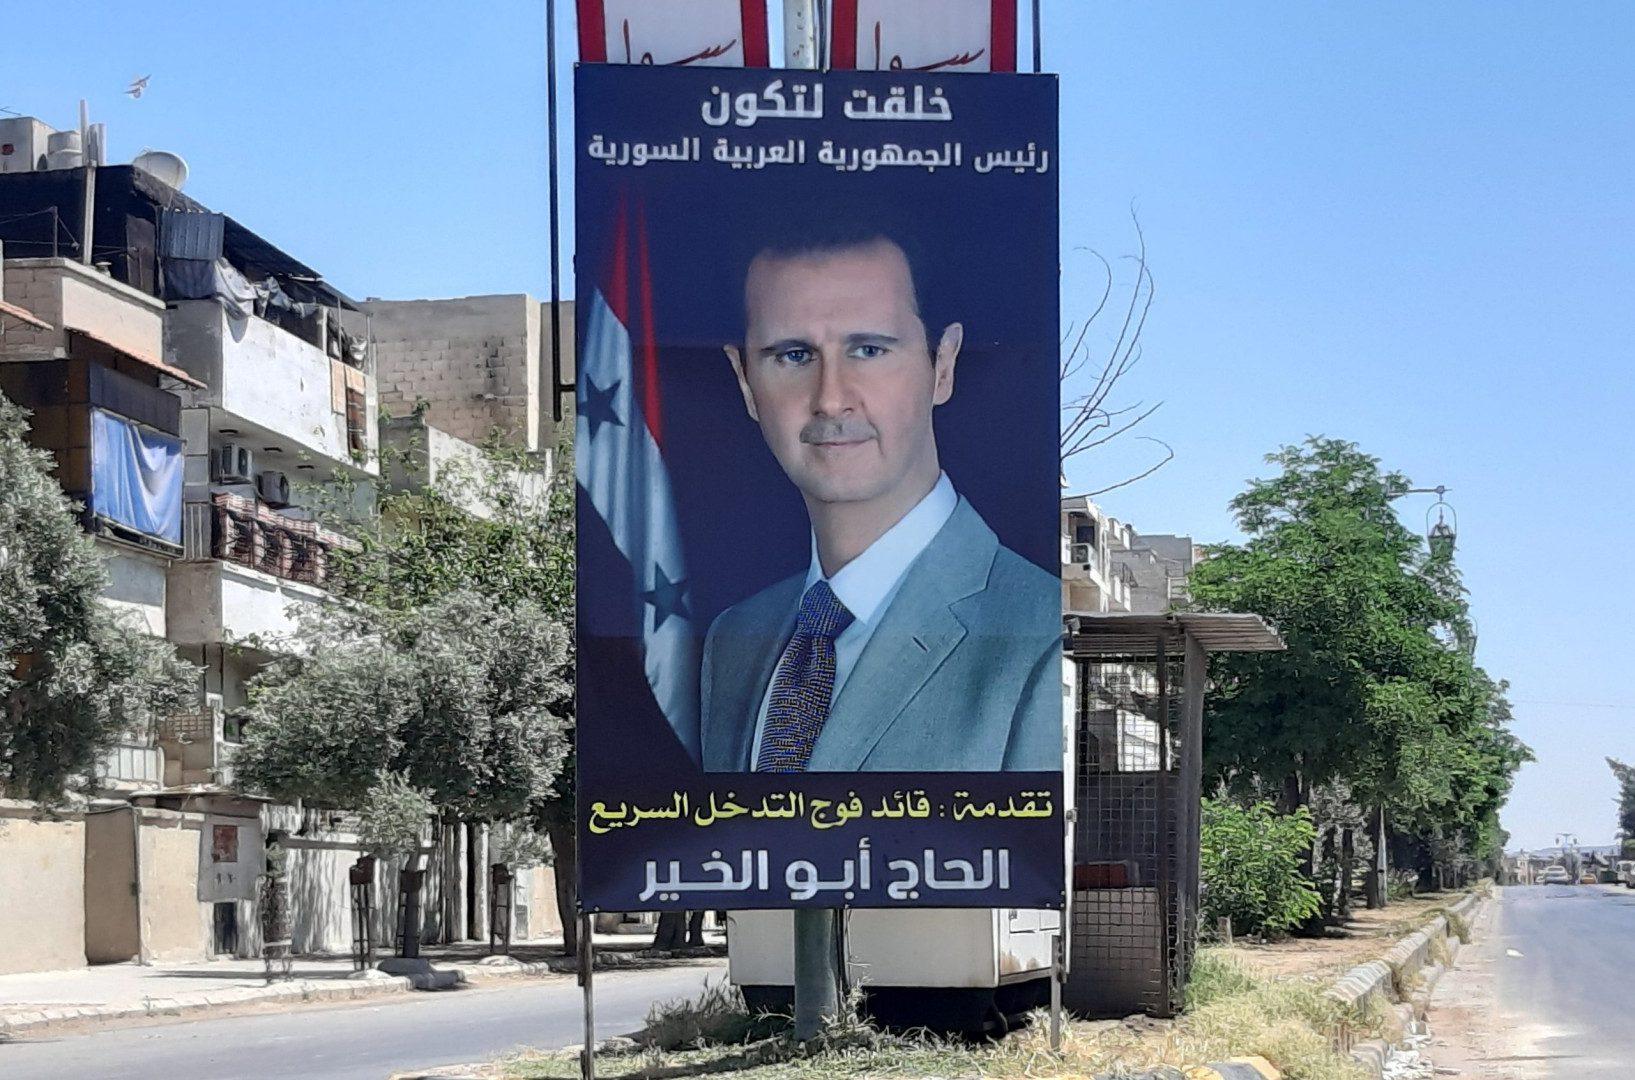 بشار الأسد الميليشيات